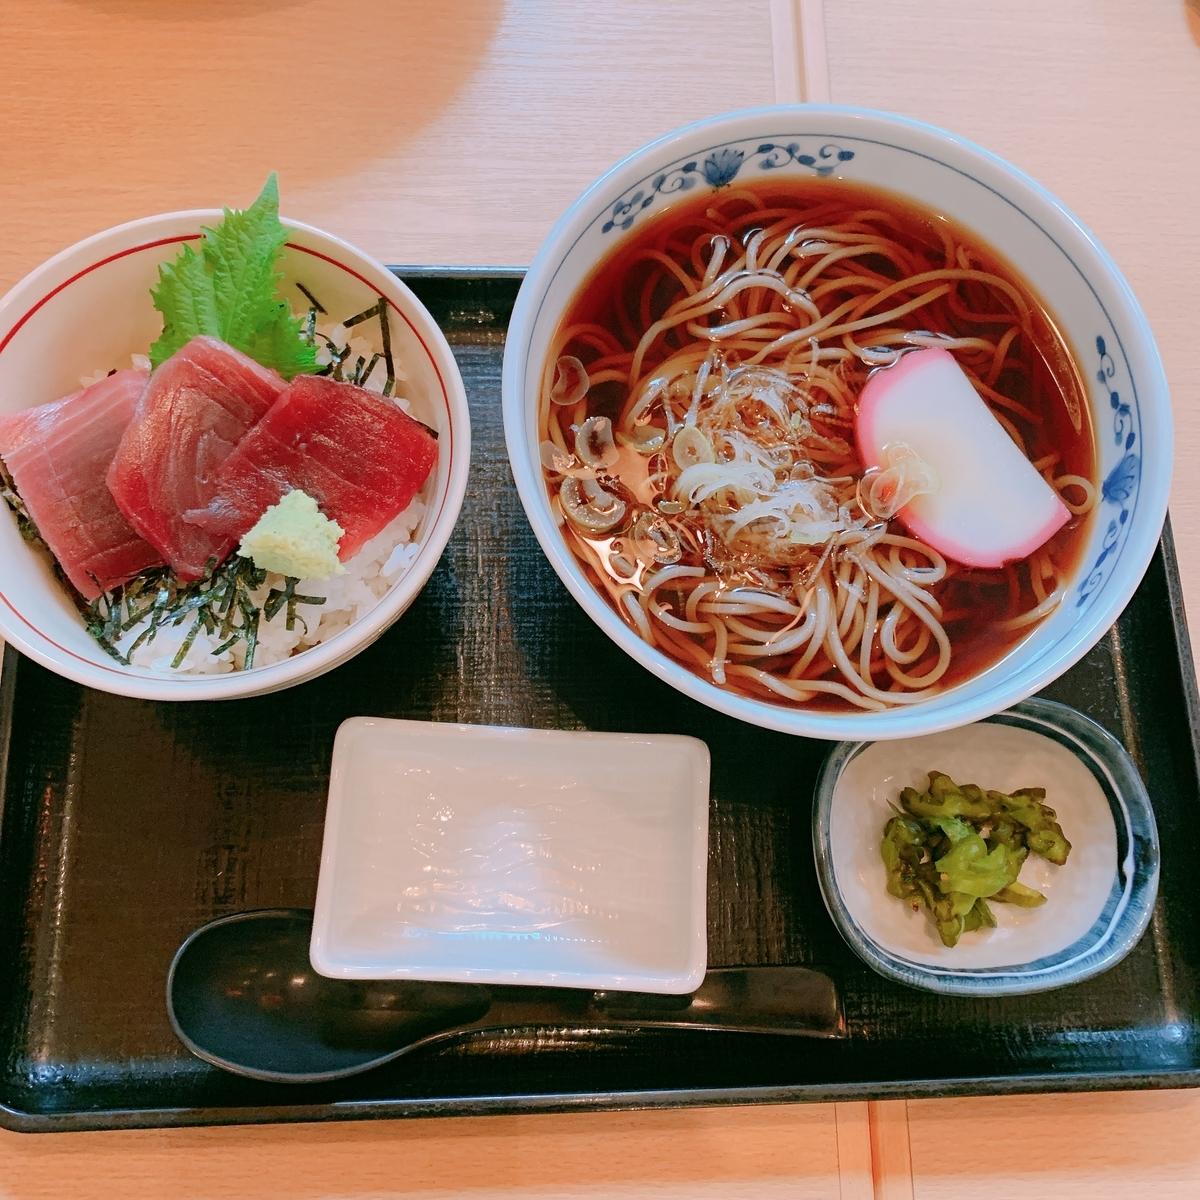 f:id:Kunii_Hanauta:20190427164741j:plain